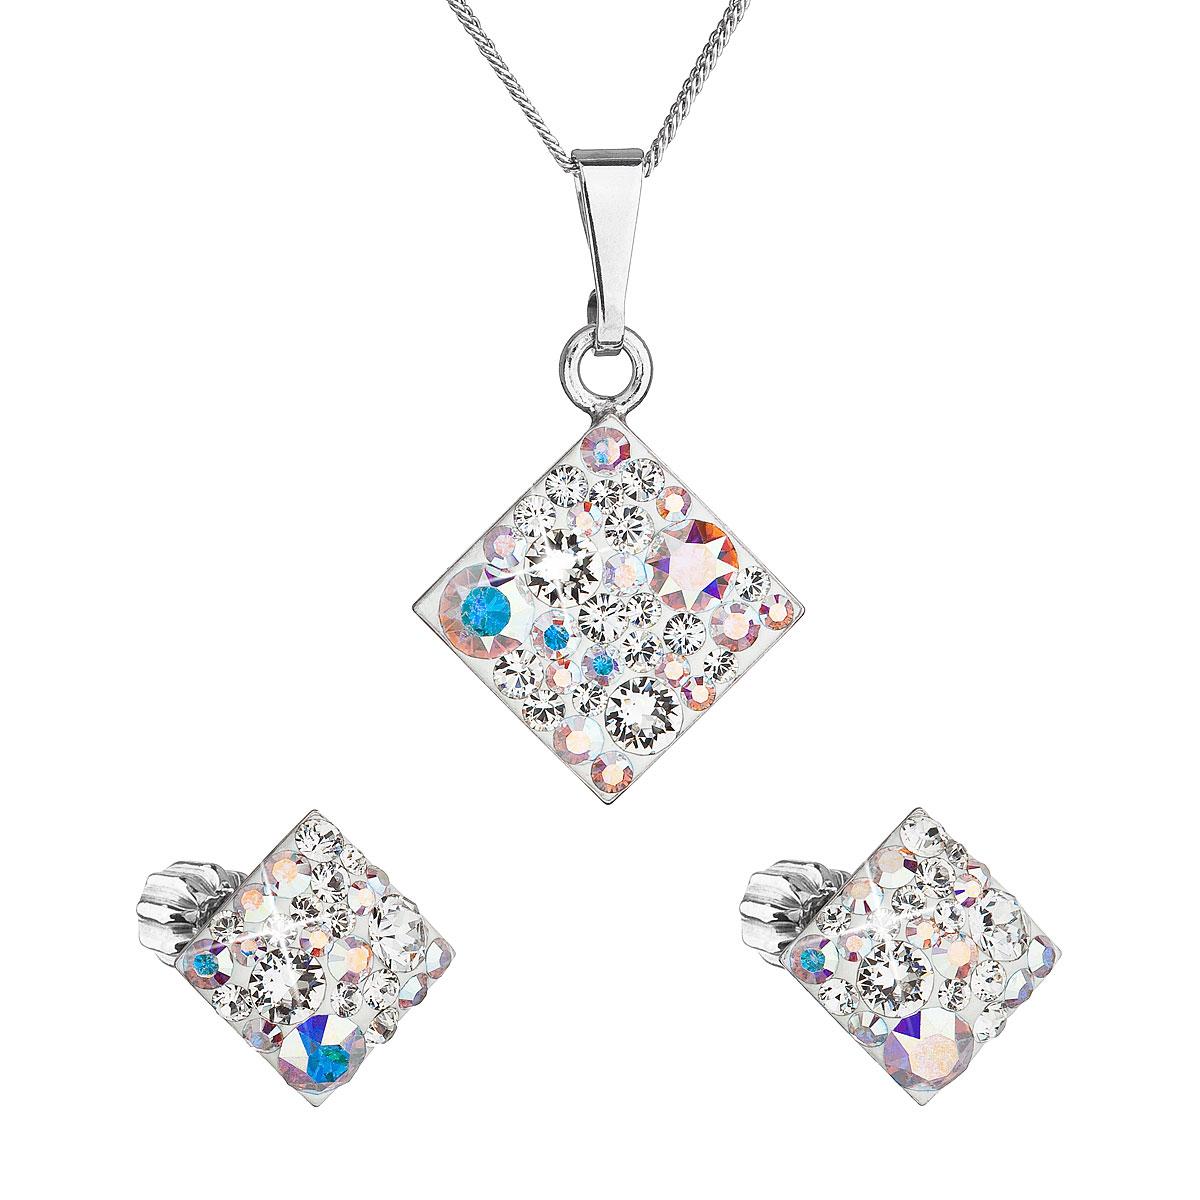 Sada šperkov s krištálmi Swarovski náušnice, retiazka a prívesok ab efekt kosoštvorec 39126.2